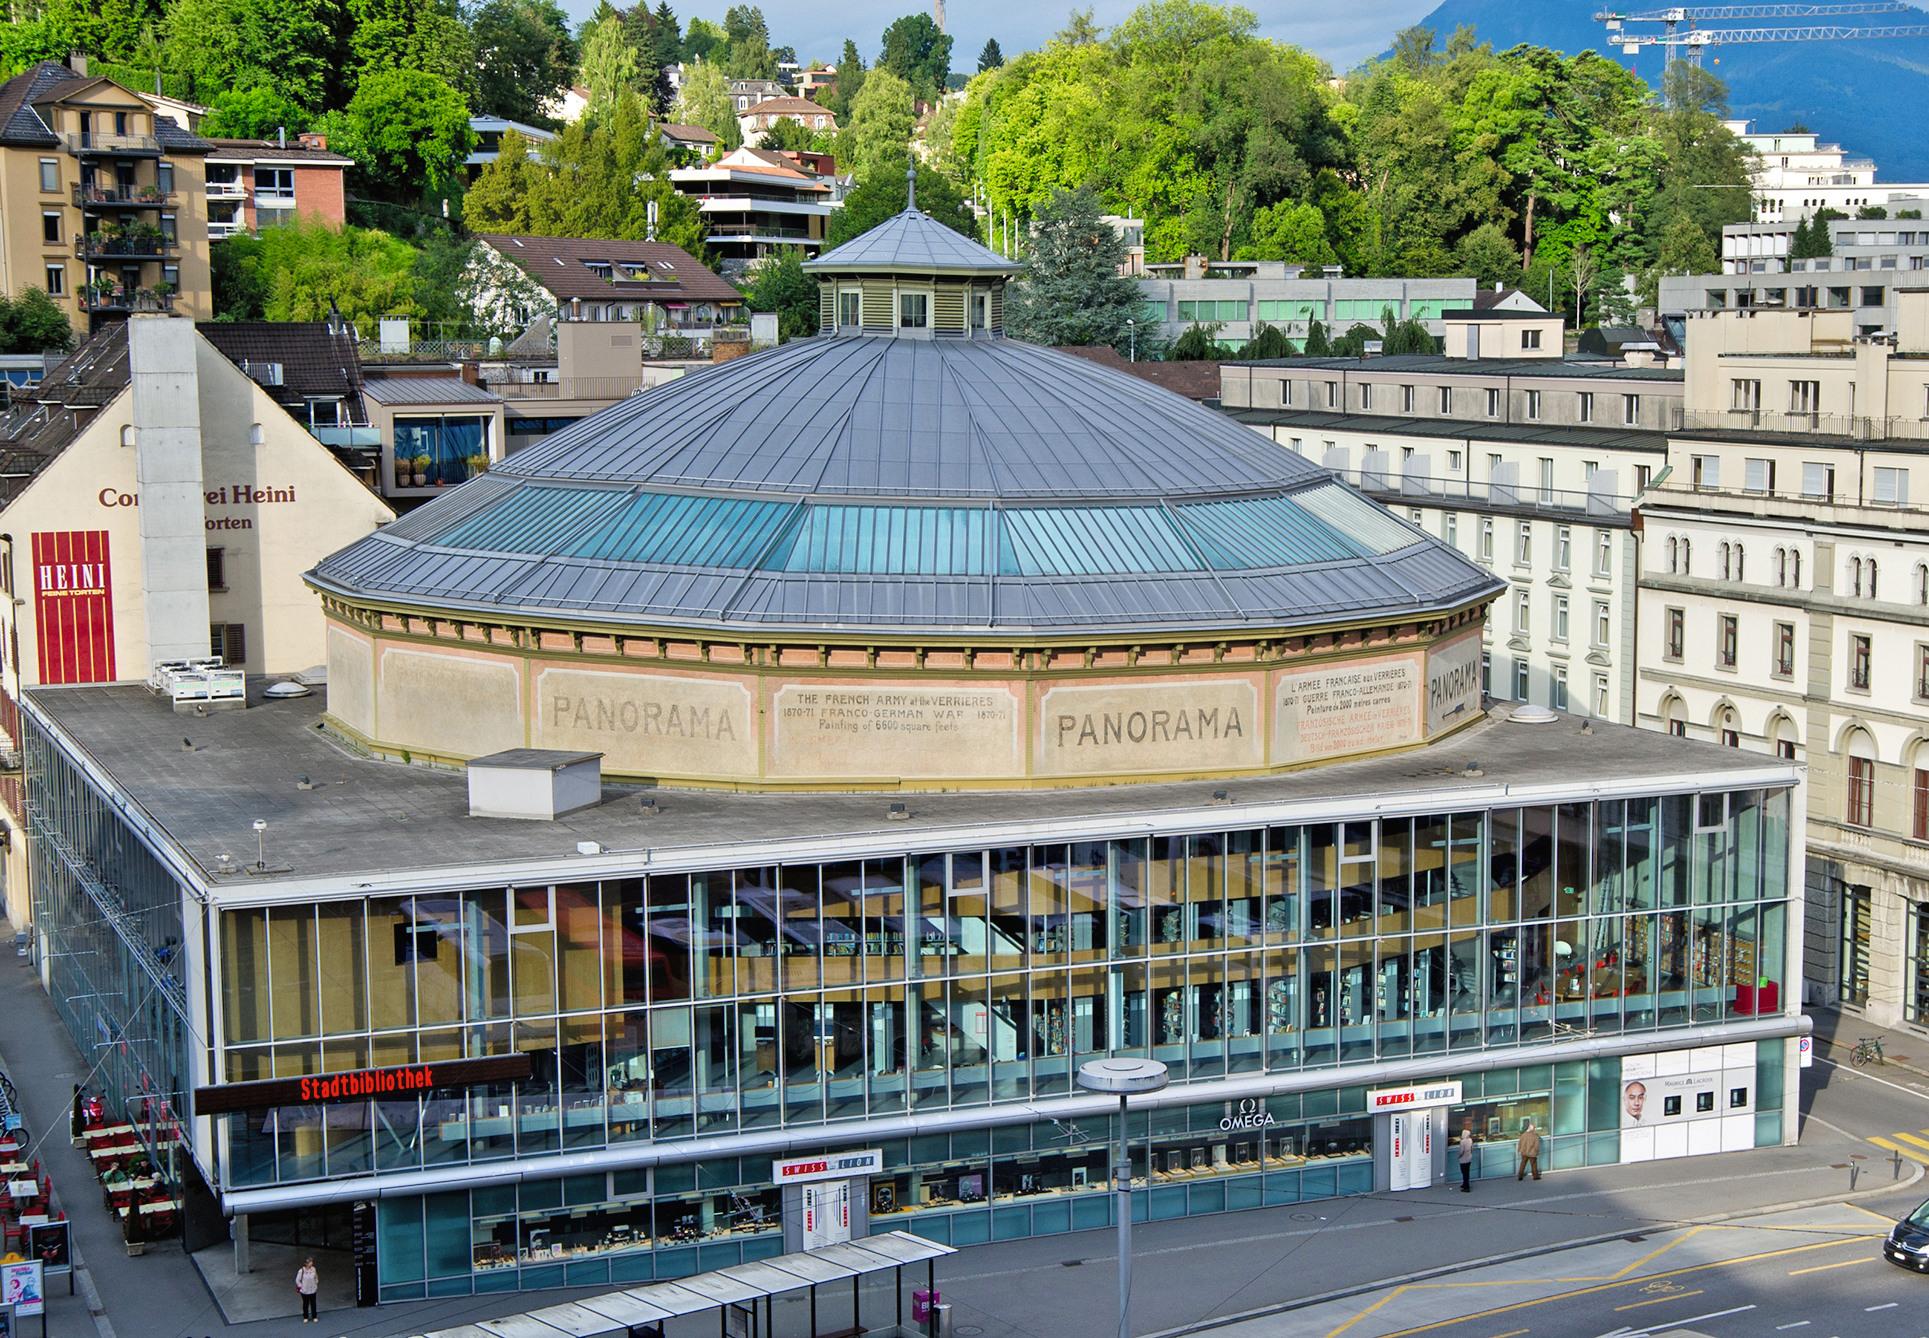 Seine schöne Fassade und seine moderne Einrichtung machen das Bourbaki-Panorama zu einer beliebten Eventlocation.